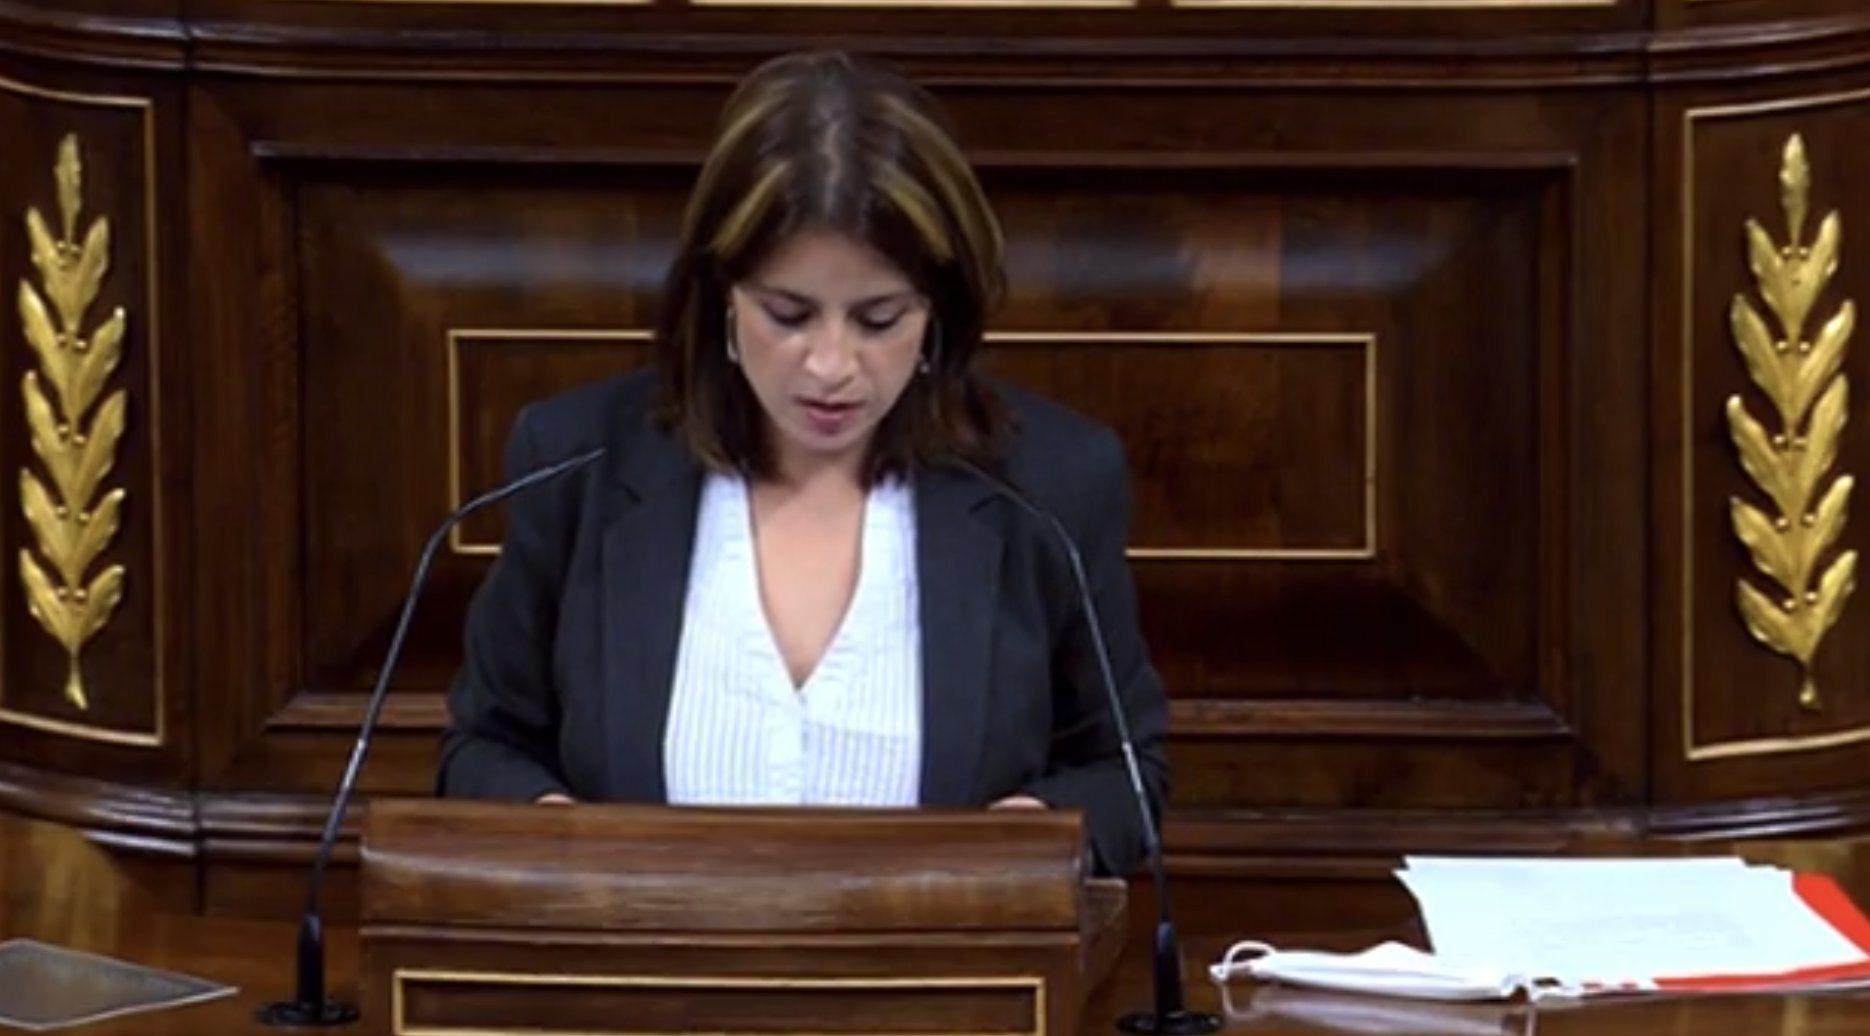 Adriana Lastra: 'Casi cada día, las sedes socialistas sufren destrozos y pintadas'. 'Sus palabras, señor Abascal, generan odio y son responsables ...